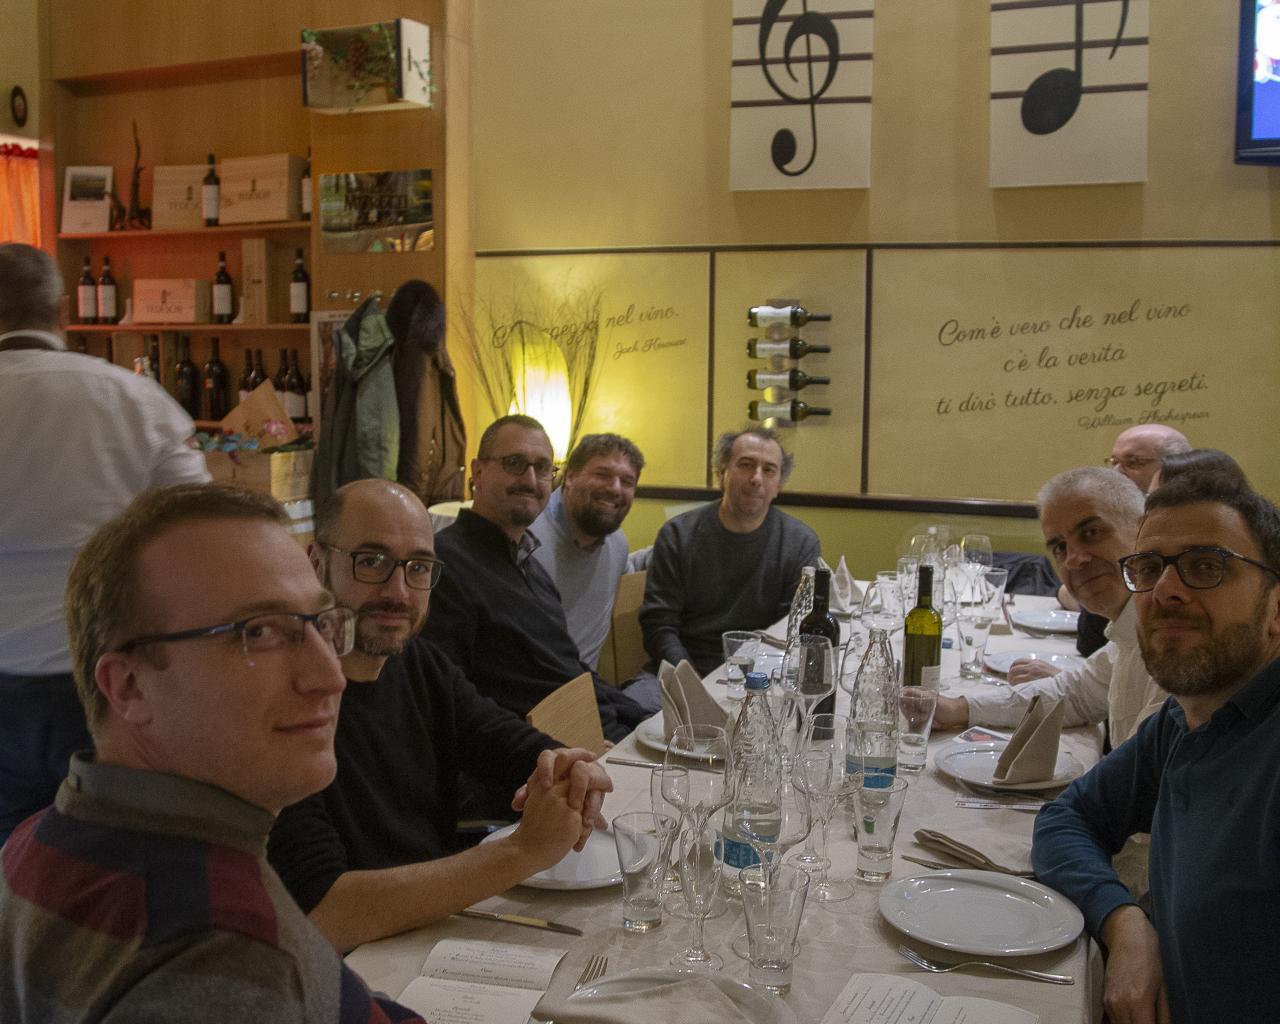 Al tavolo con Martin Dougiamas